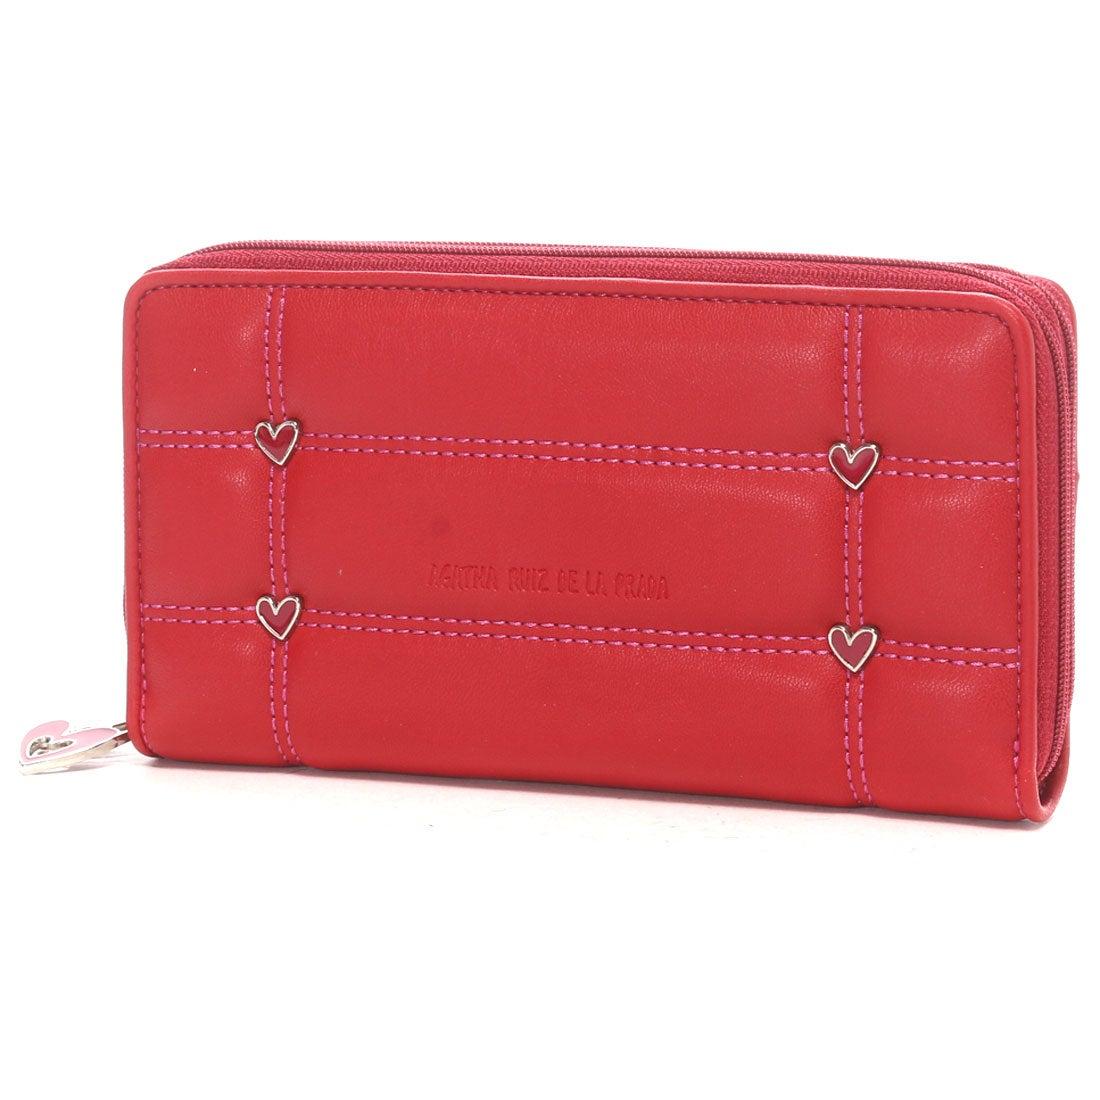 2304f4e797c5 アガタ ルイス デ ラ プラダ AGATHA RUIZ DE LA PRADA ポケットたくさん大容量ラウンドダブルファスナー財布 (レッド)  -アウトレット通販 ロコレット (LOCOLET)